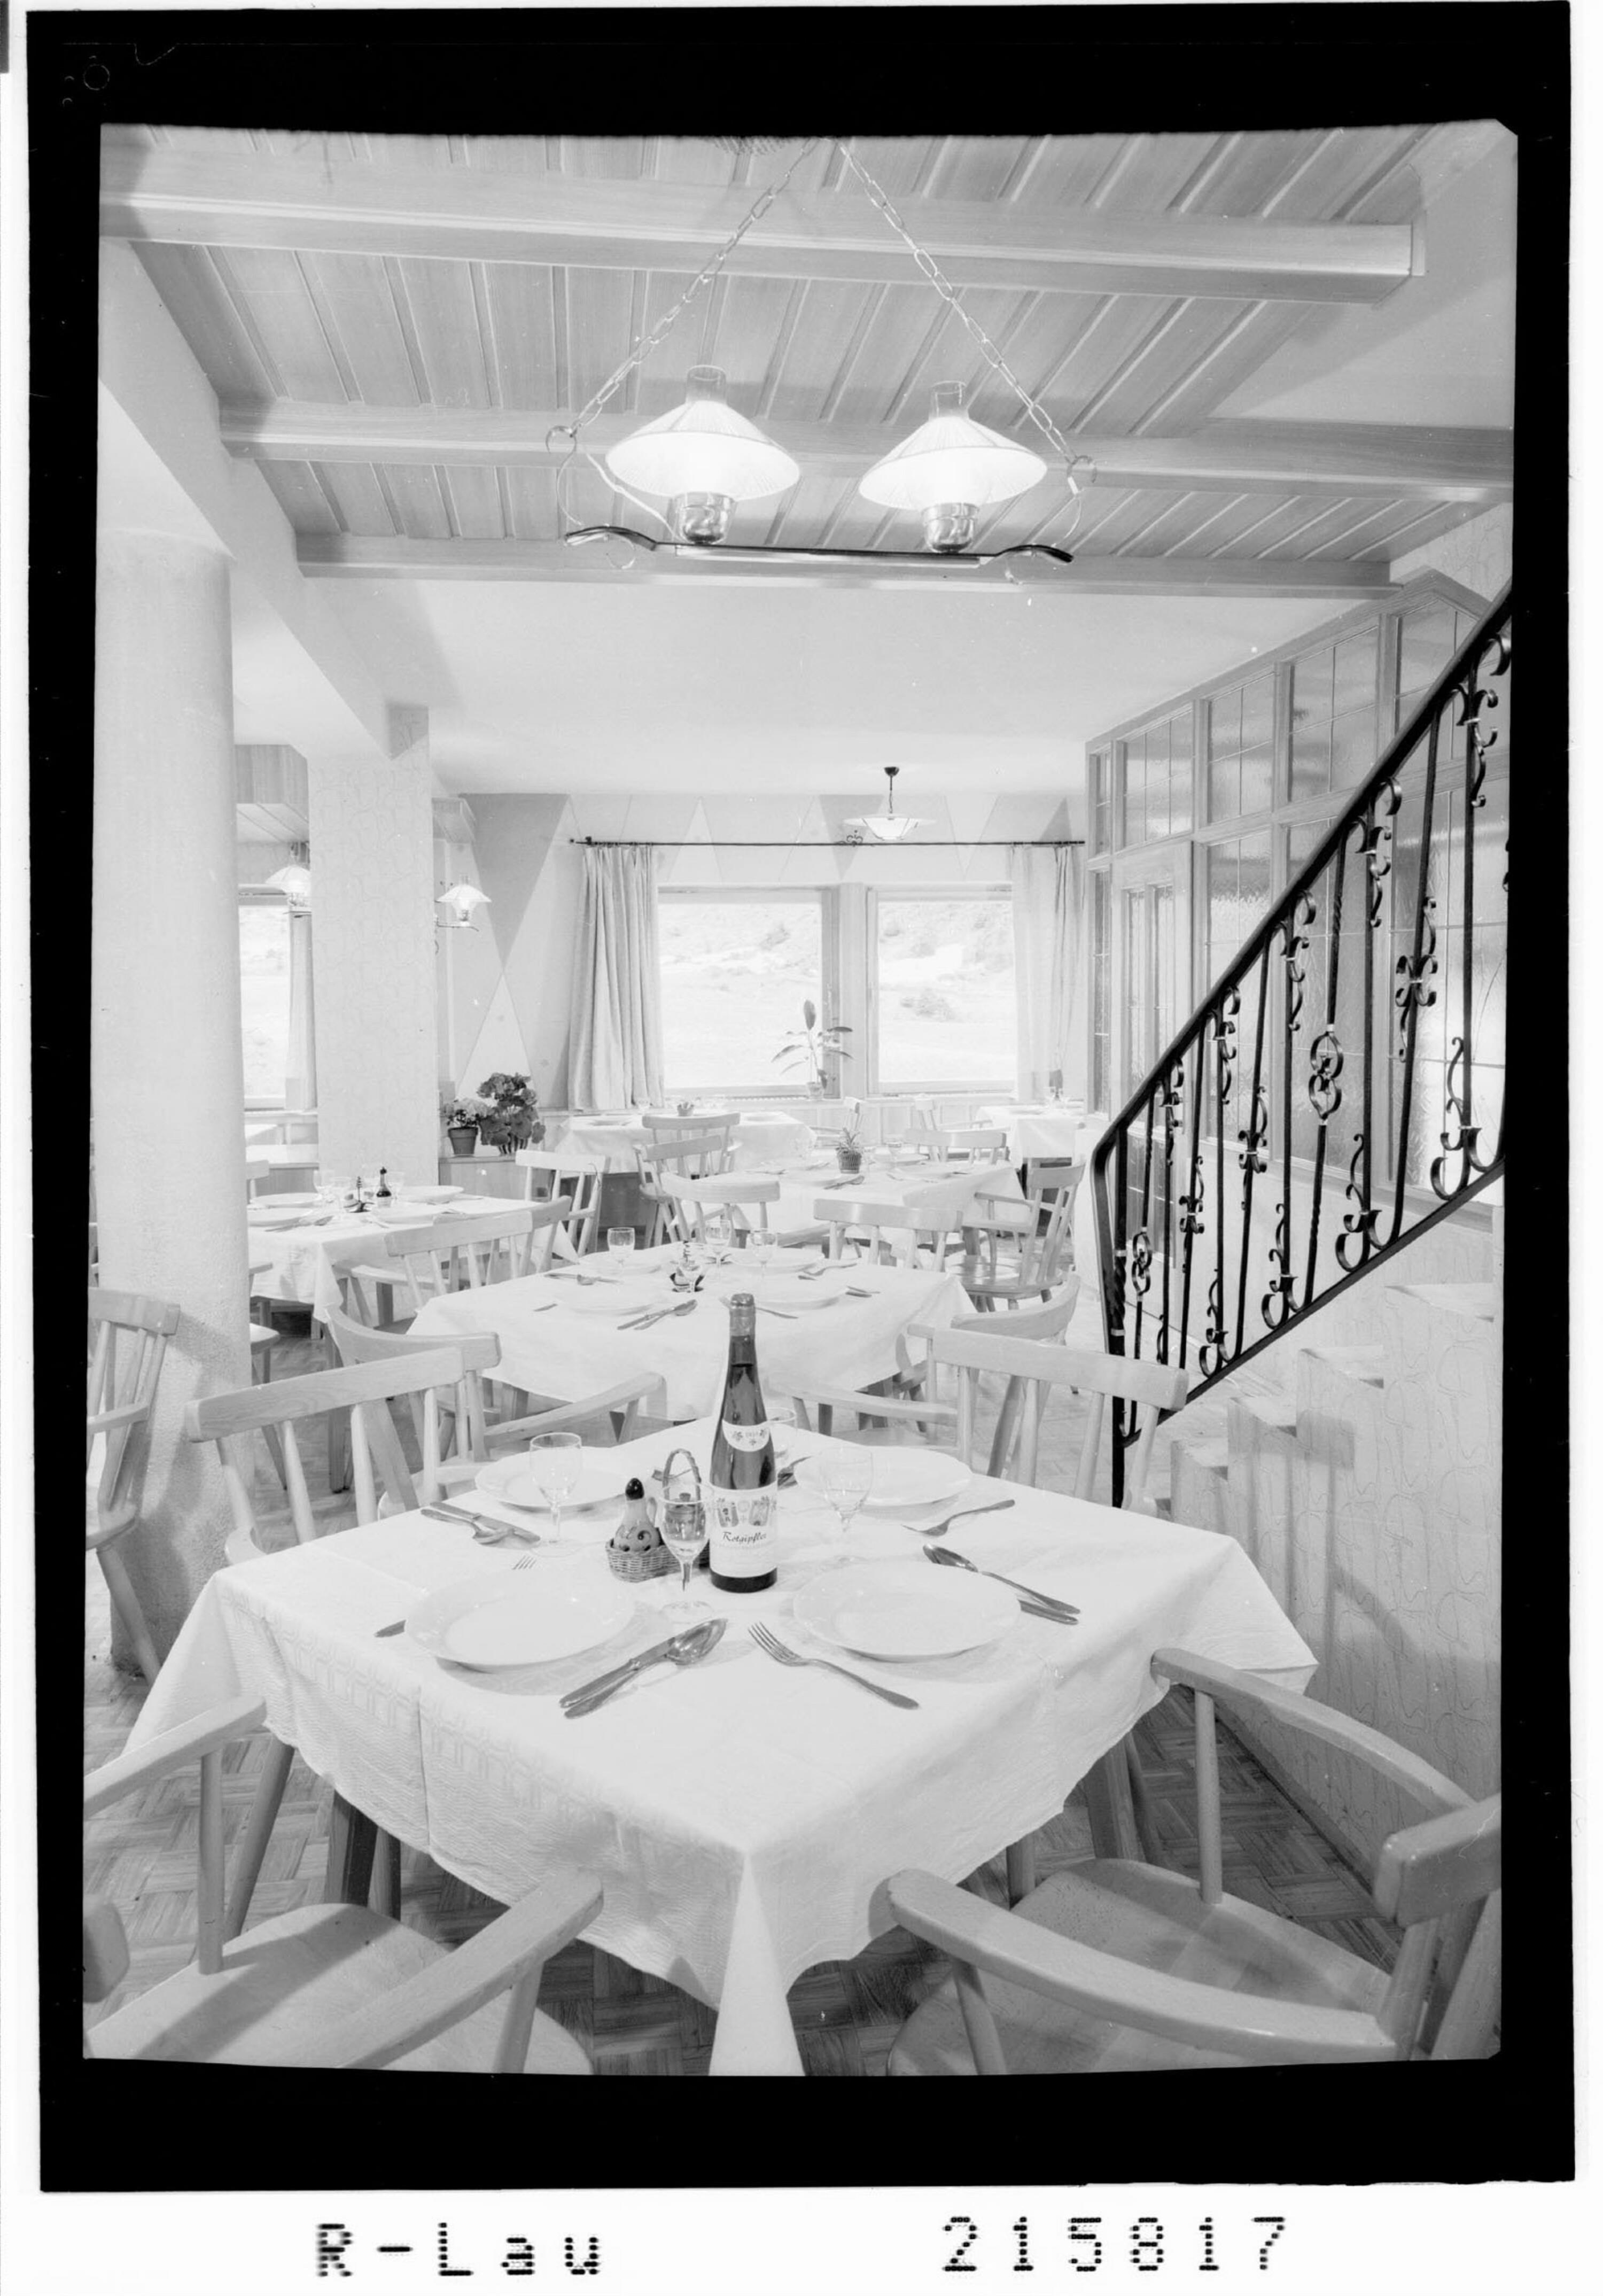 Speisesaal im Berghaus Seppl in Weisswald im Pitztal von Risch-Lau